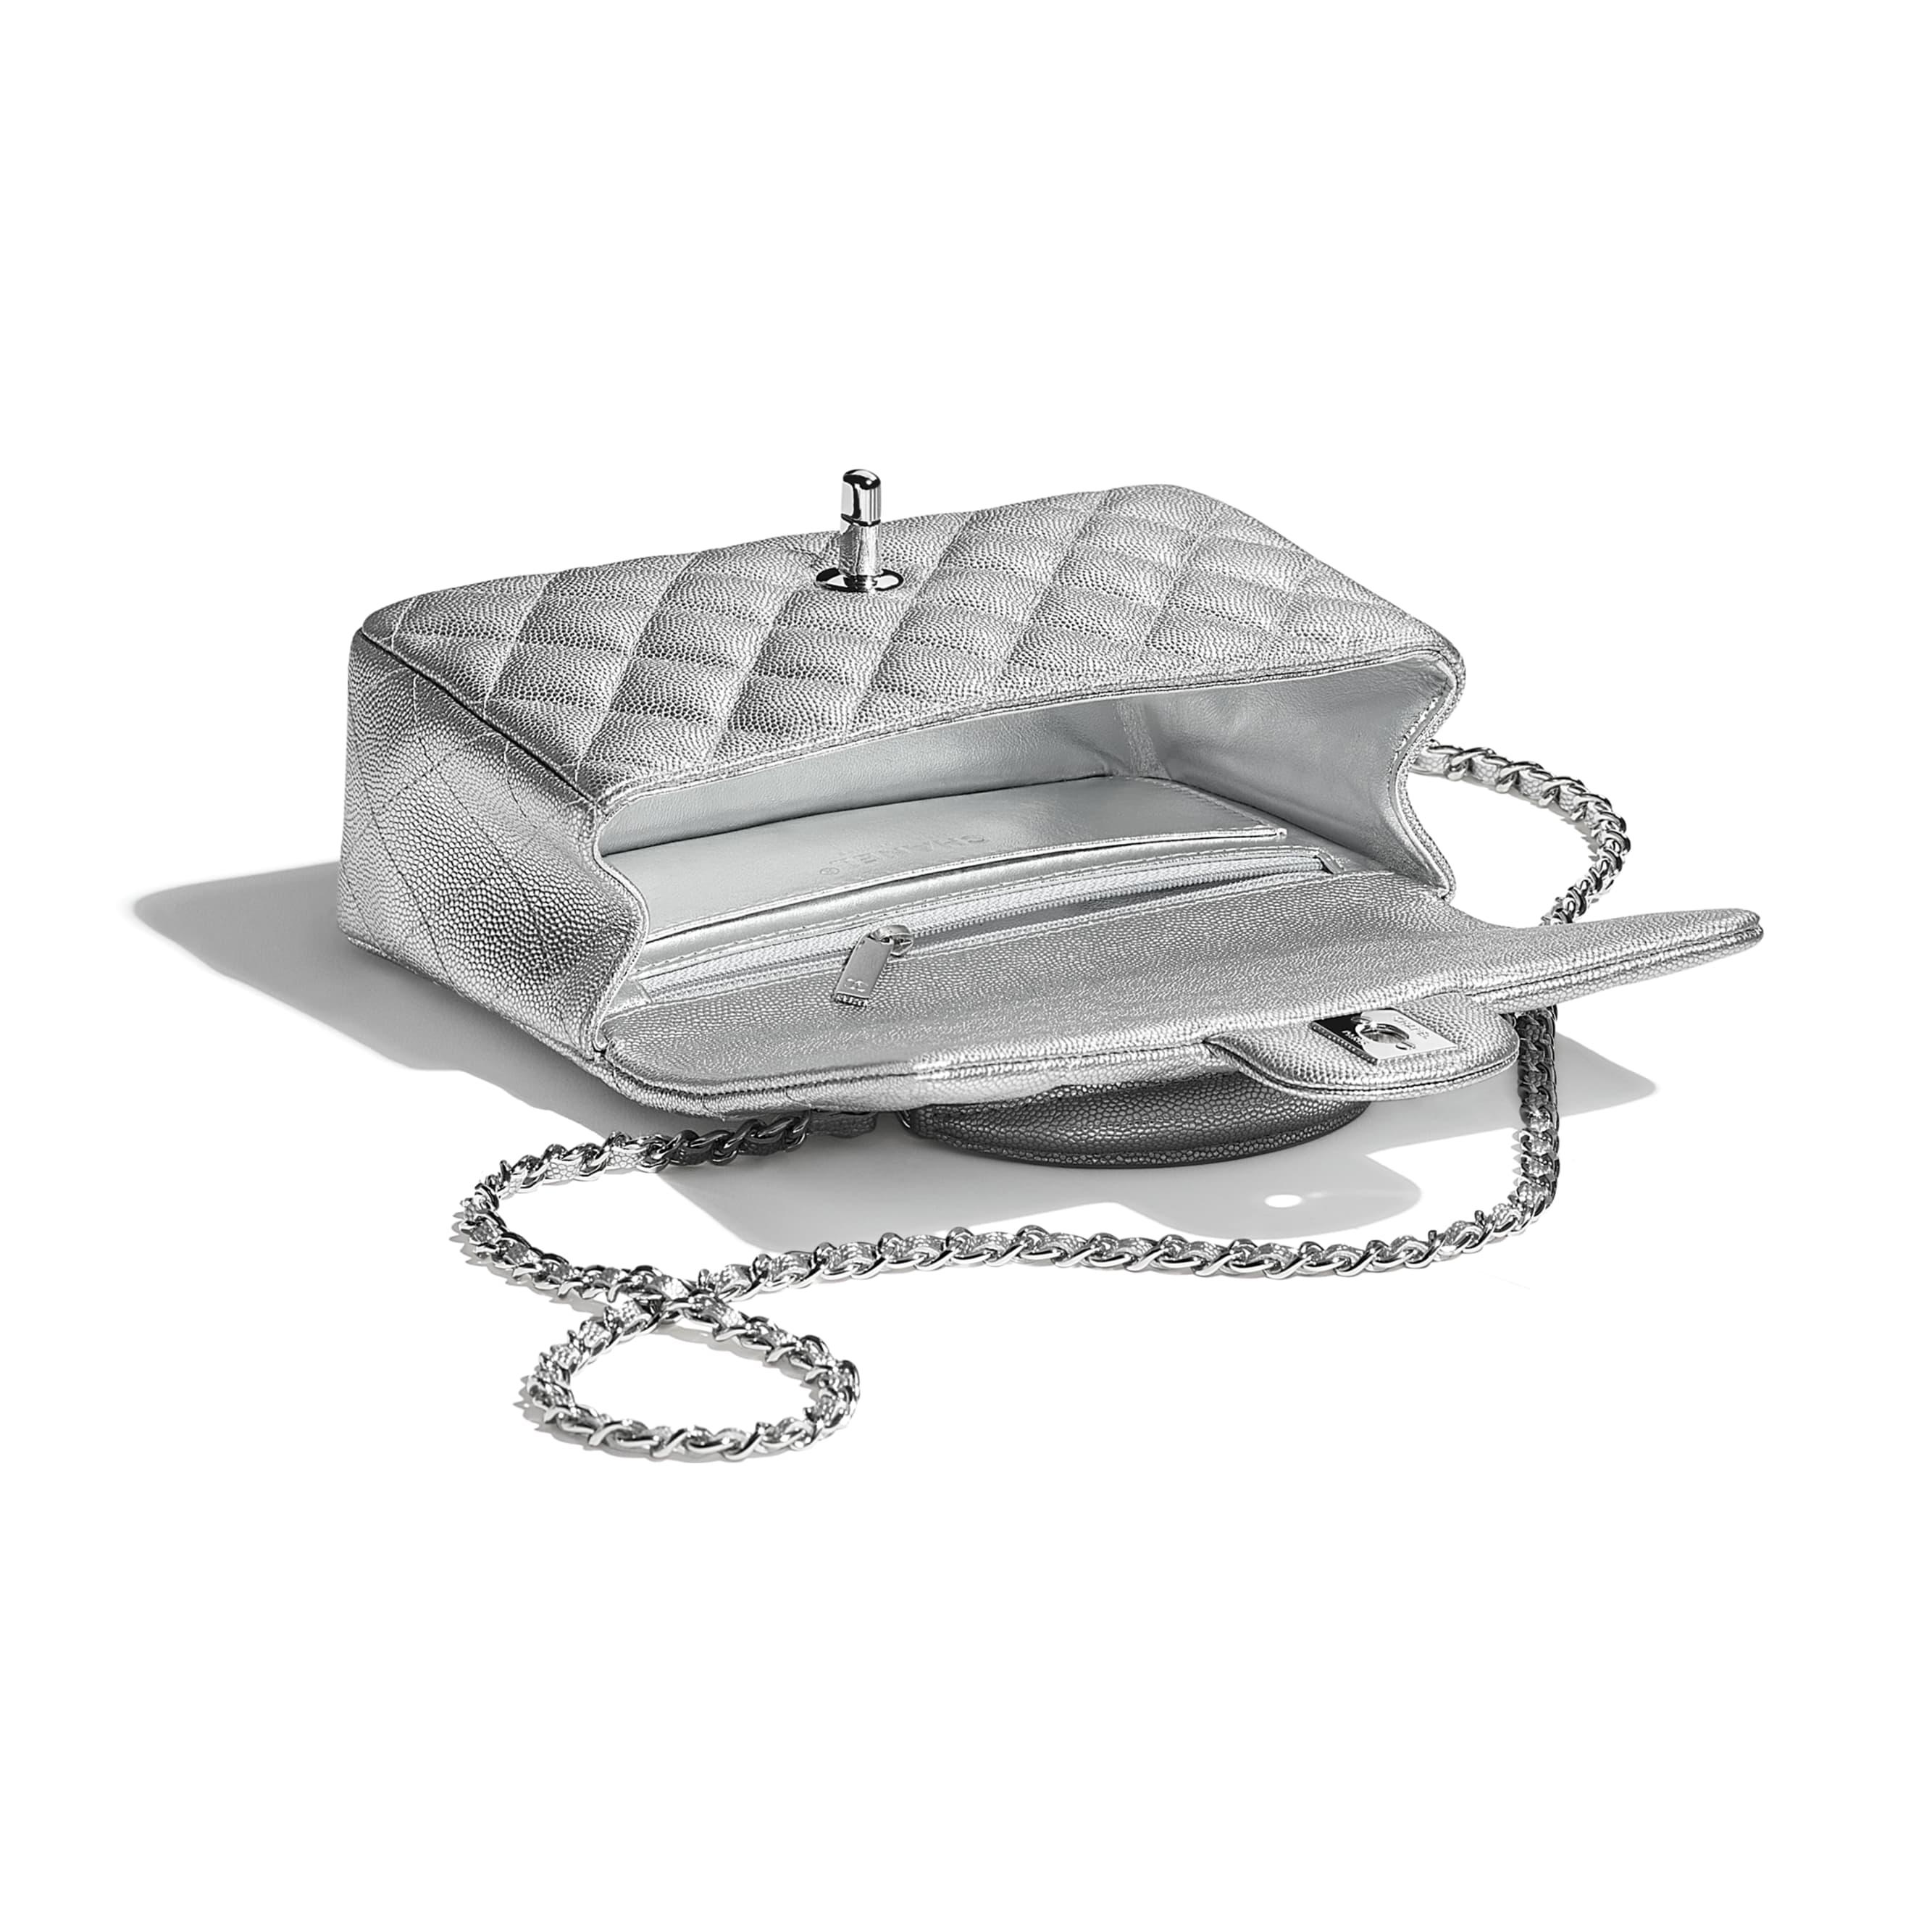 Bolso pequeño con solapa y asa de mano - Plateado - Piel de ternera granulada metalizada y metal plateado - CHANEL - Otra vista - ver la versión tamaño estándar